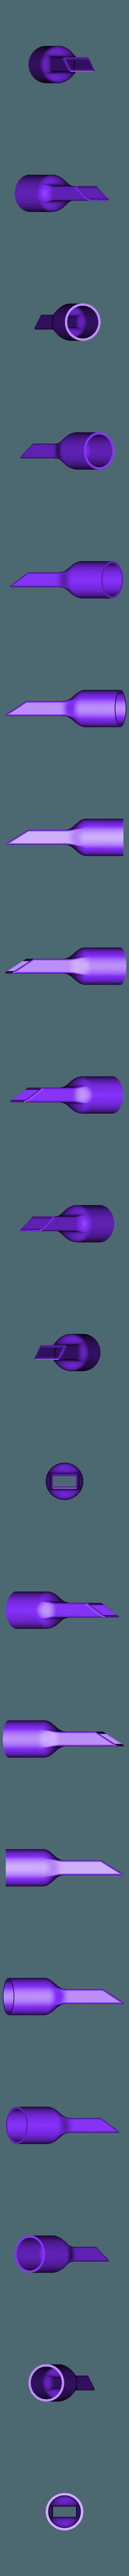 boquilla_horizontal_orbegozo_corta_v4.stl Télécharger fichier STL gratuit Aspirateur orbital à buse horizontale APC 7500 • Objet imprimable en 3D, NeoTech76